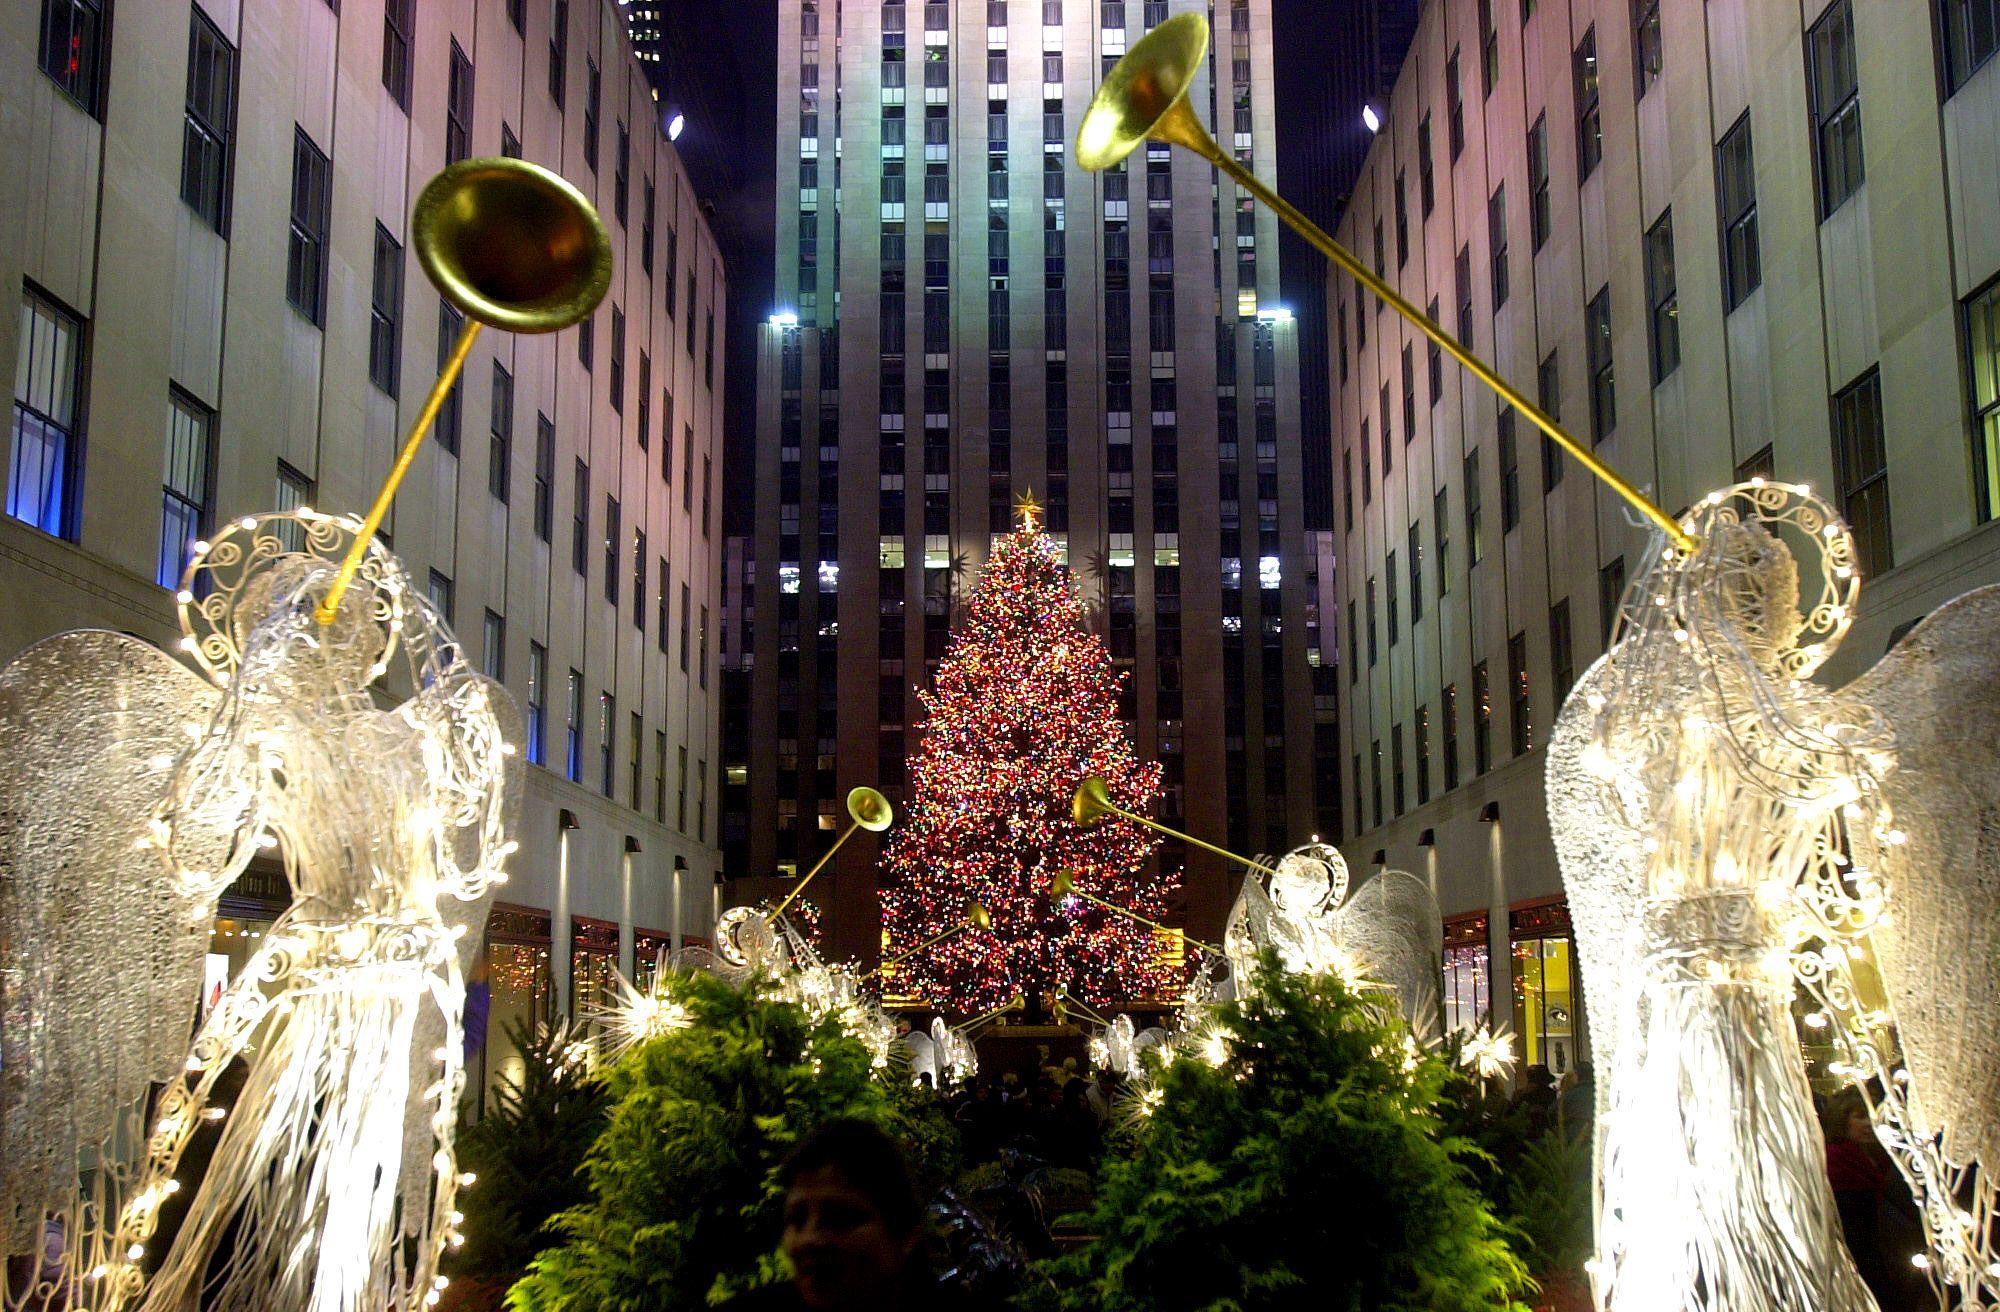 τα φώτα των Χριστουγέννων φέρνουν το χριστουγεννιάτικο πνεύμα